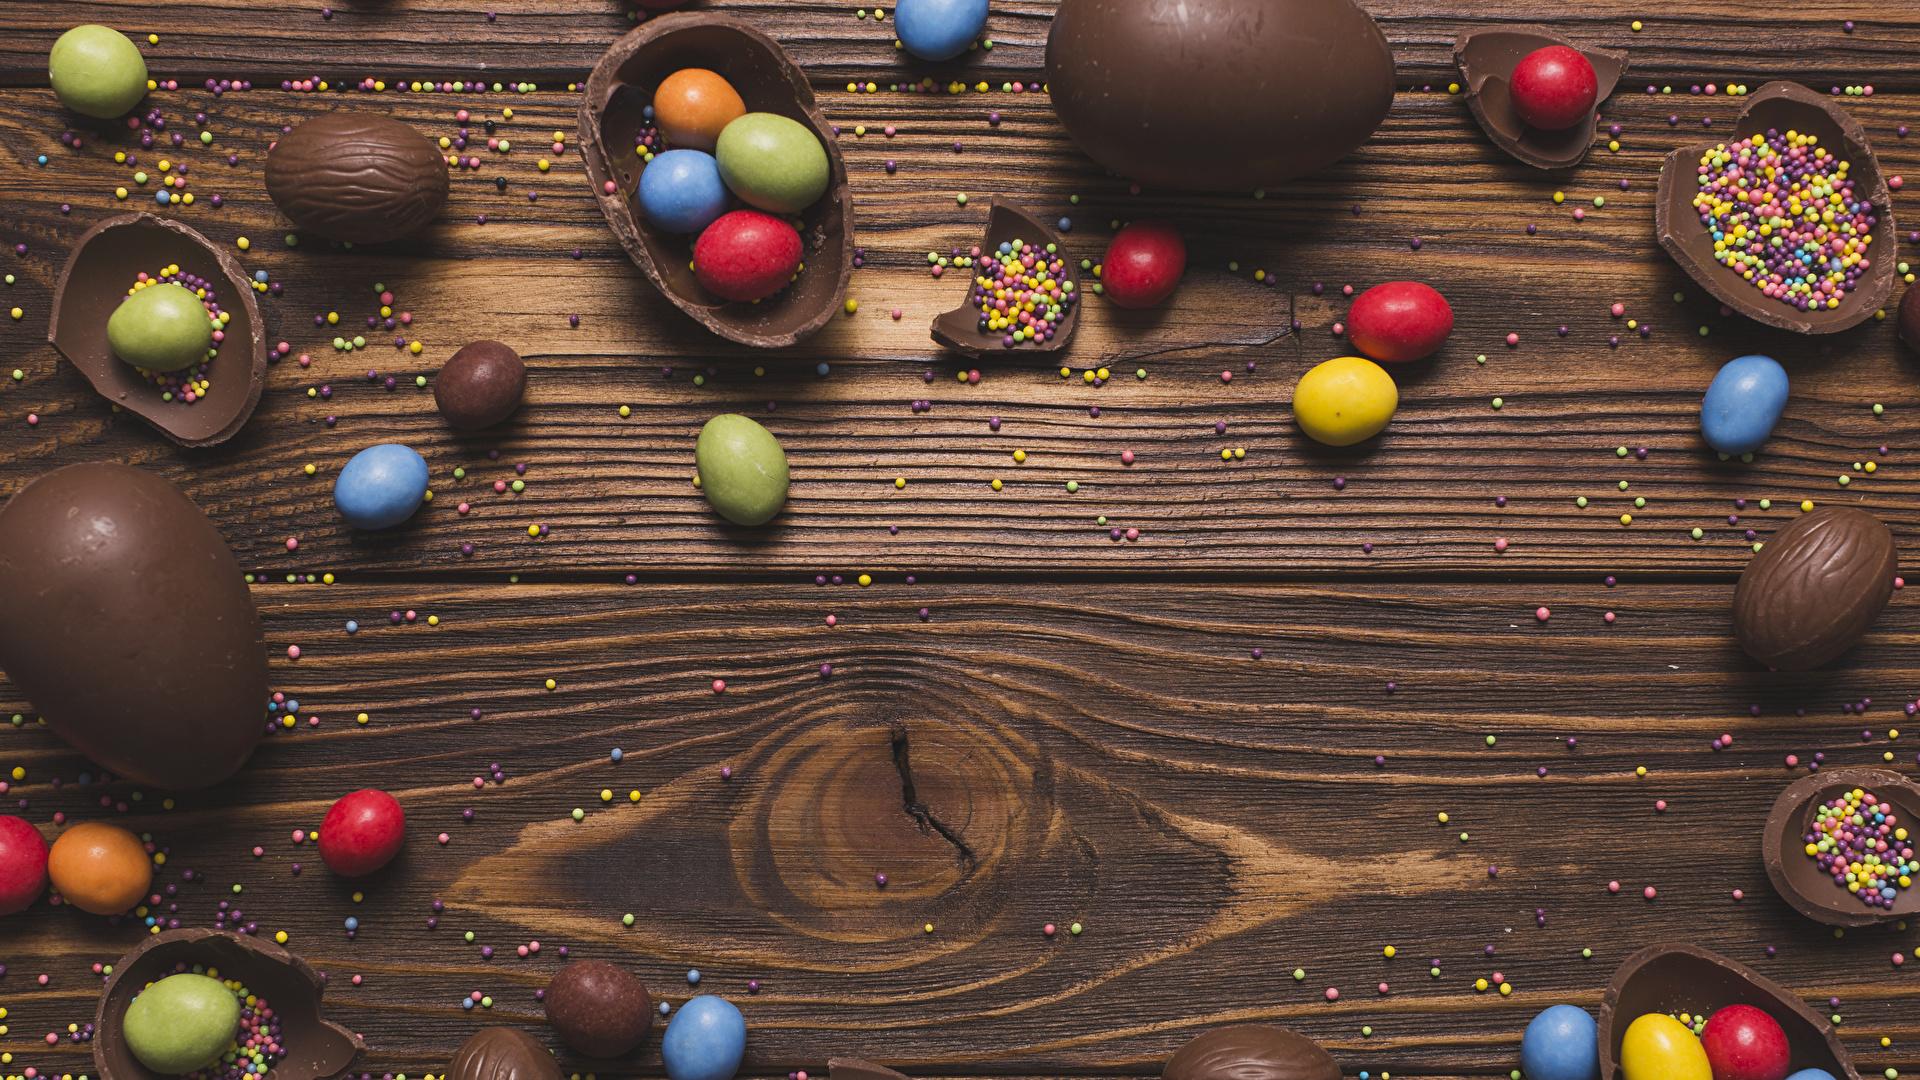 Фотографии Пасха Яйца Шоколад Конфеты Еда Сладости Доски 1920x1080 яиц яйцо яйцами Пища Продукты питания сладкая еда